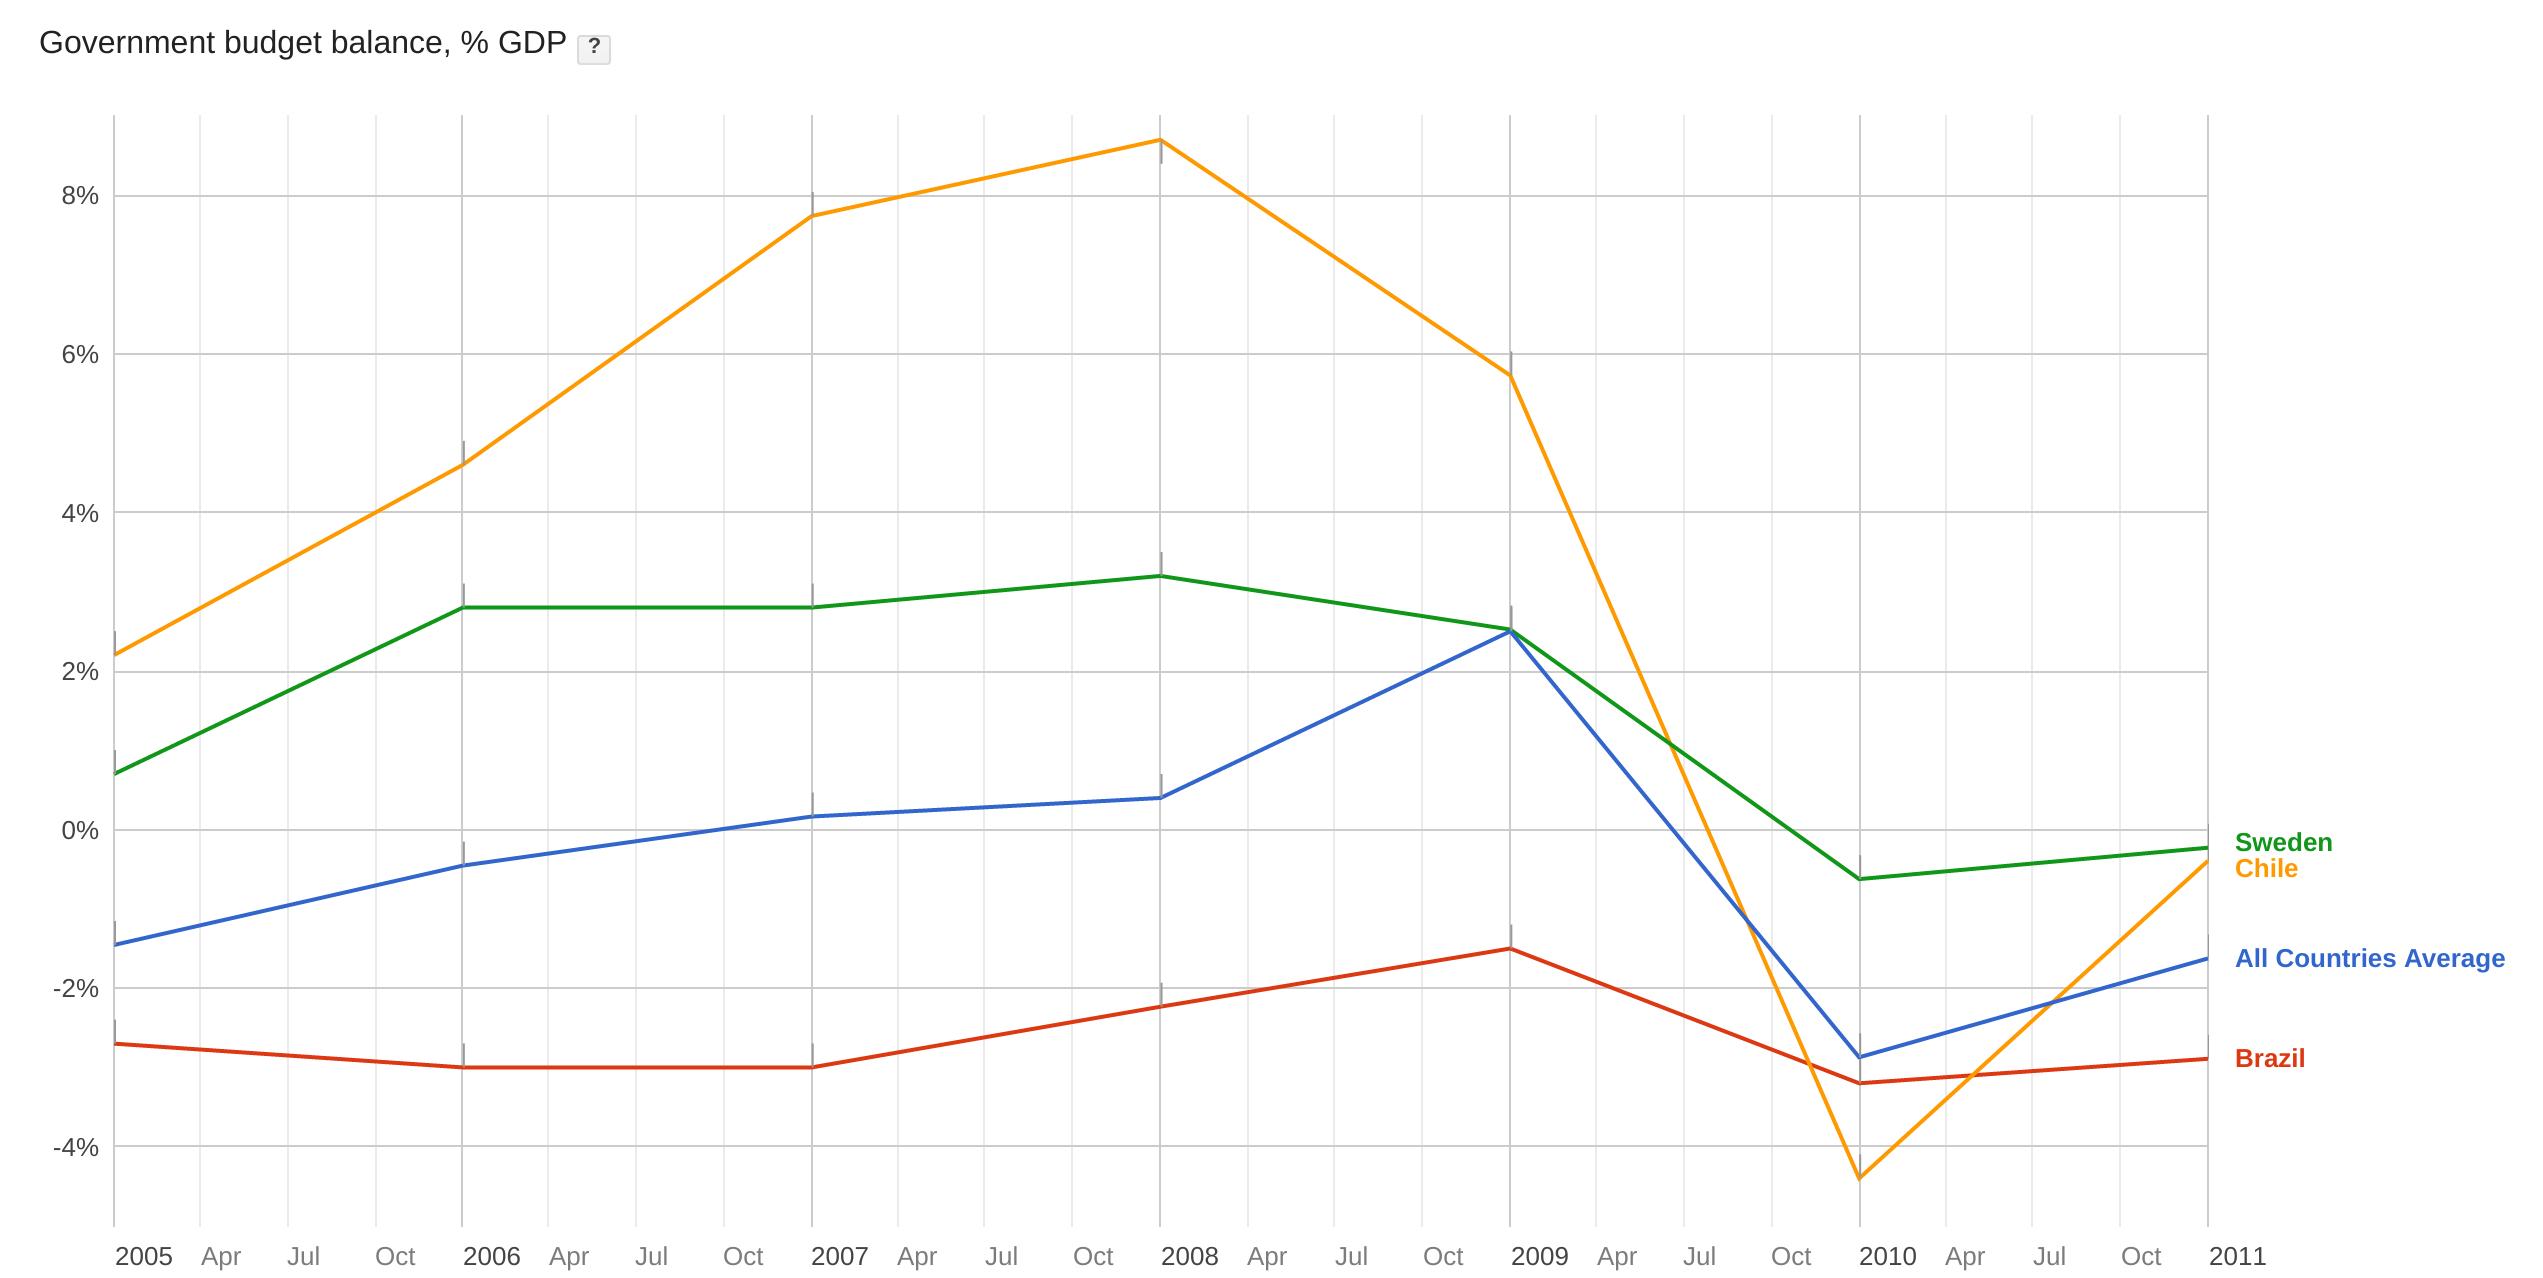 Chile fez superávits de até 8% do PIB nos anos 2000, Brasil manteve um déficit de 2% do PIB